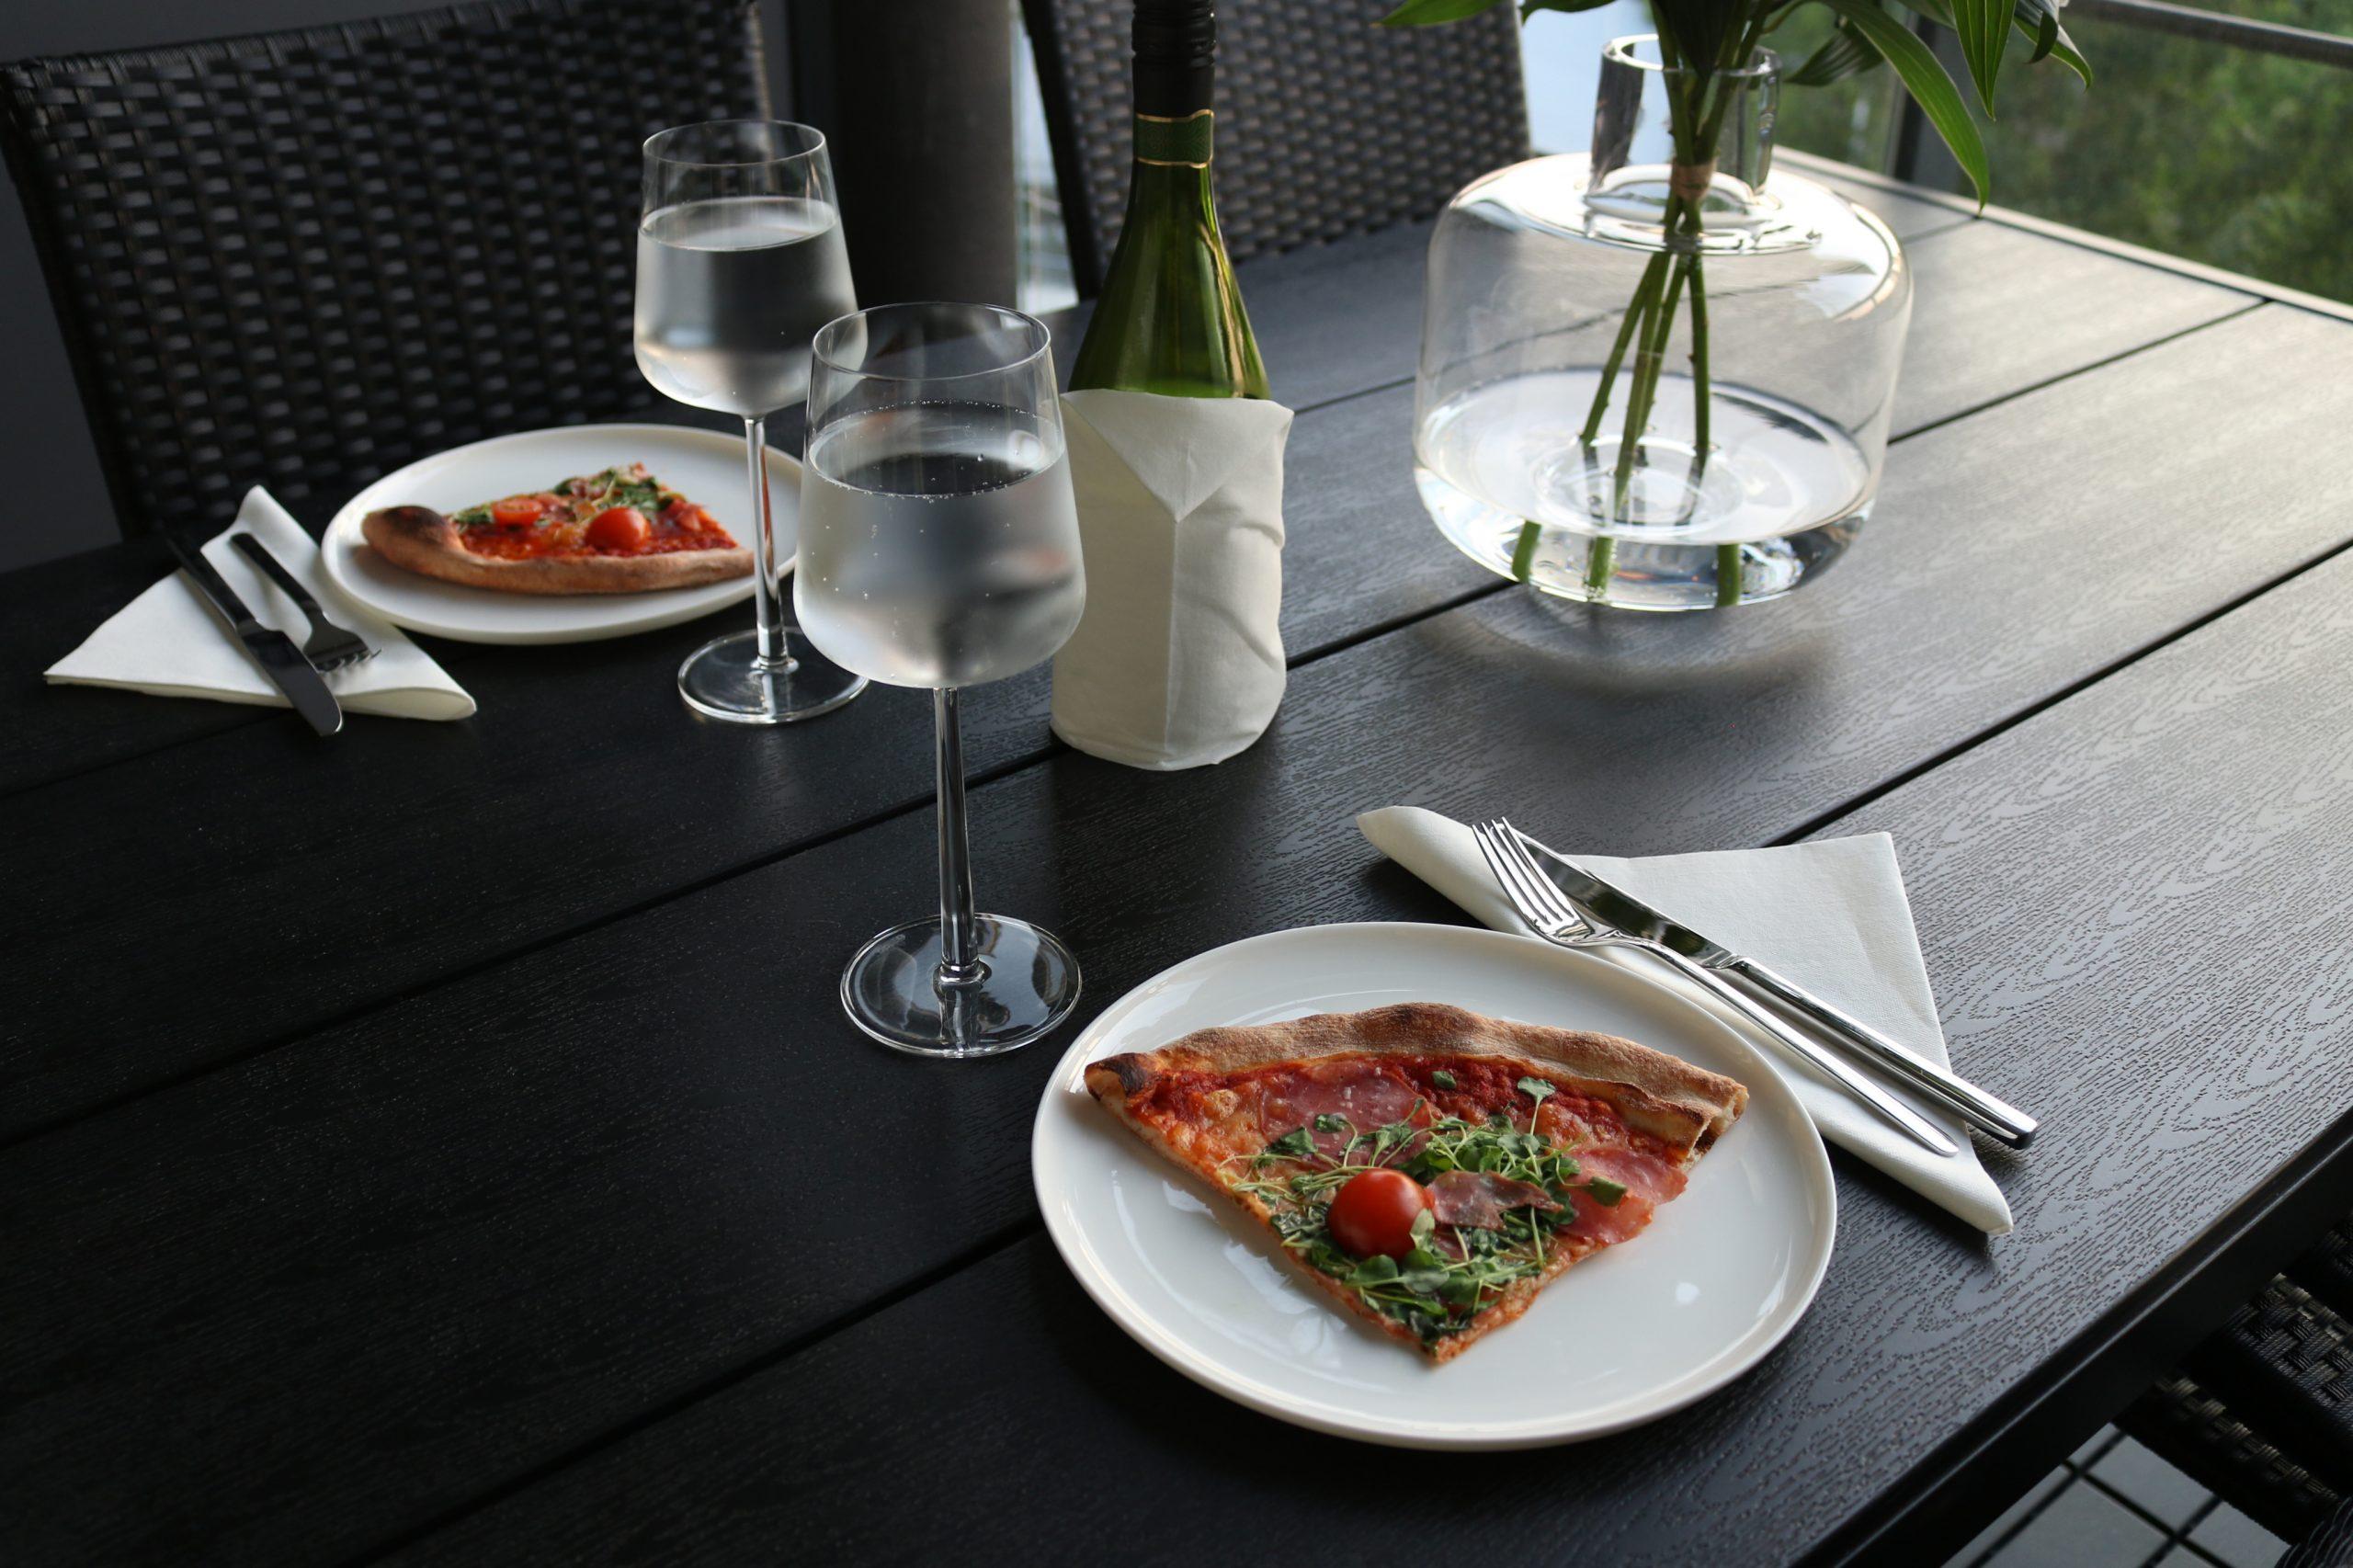 Pizza resepti - Nopea italialainen pizza pizzapohja pizzakastike ilmakuivattua kinkkua, parmesaania ja rucolaa Omakotivalkoinen